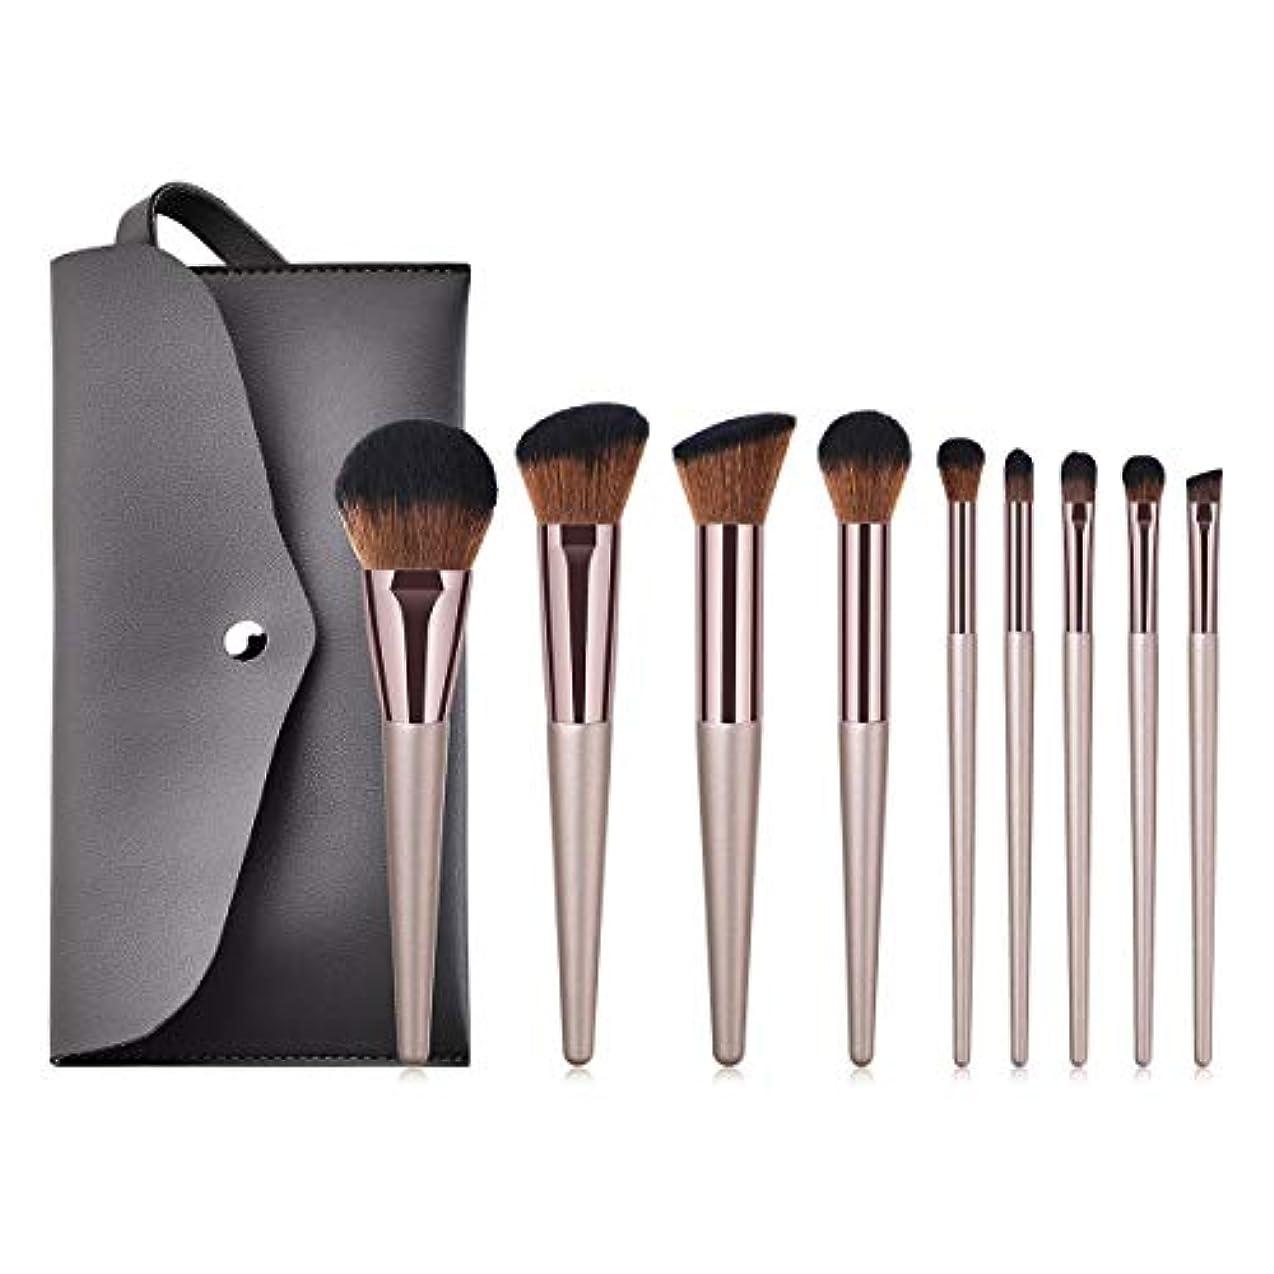 チャンピオンシップ節約するデンマーク語Makeup brushes PUレザーバッグで設定された豪華な9本の化粧ブラシ suits (Color : Gold)